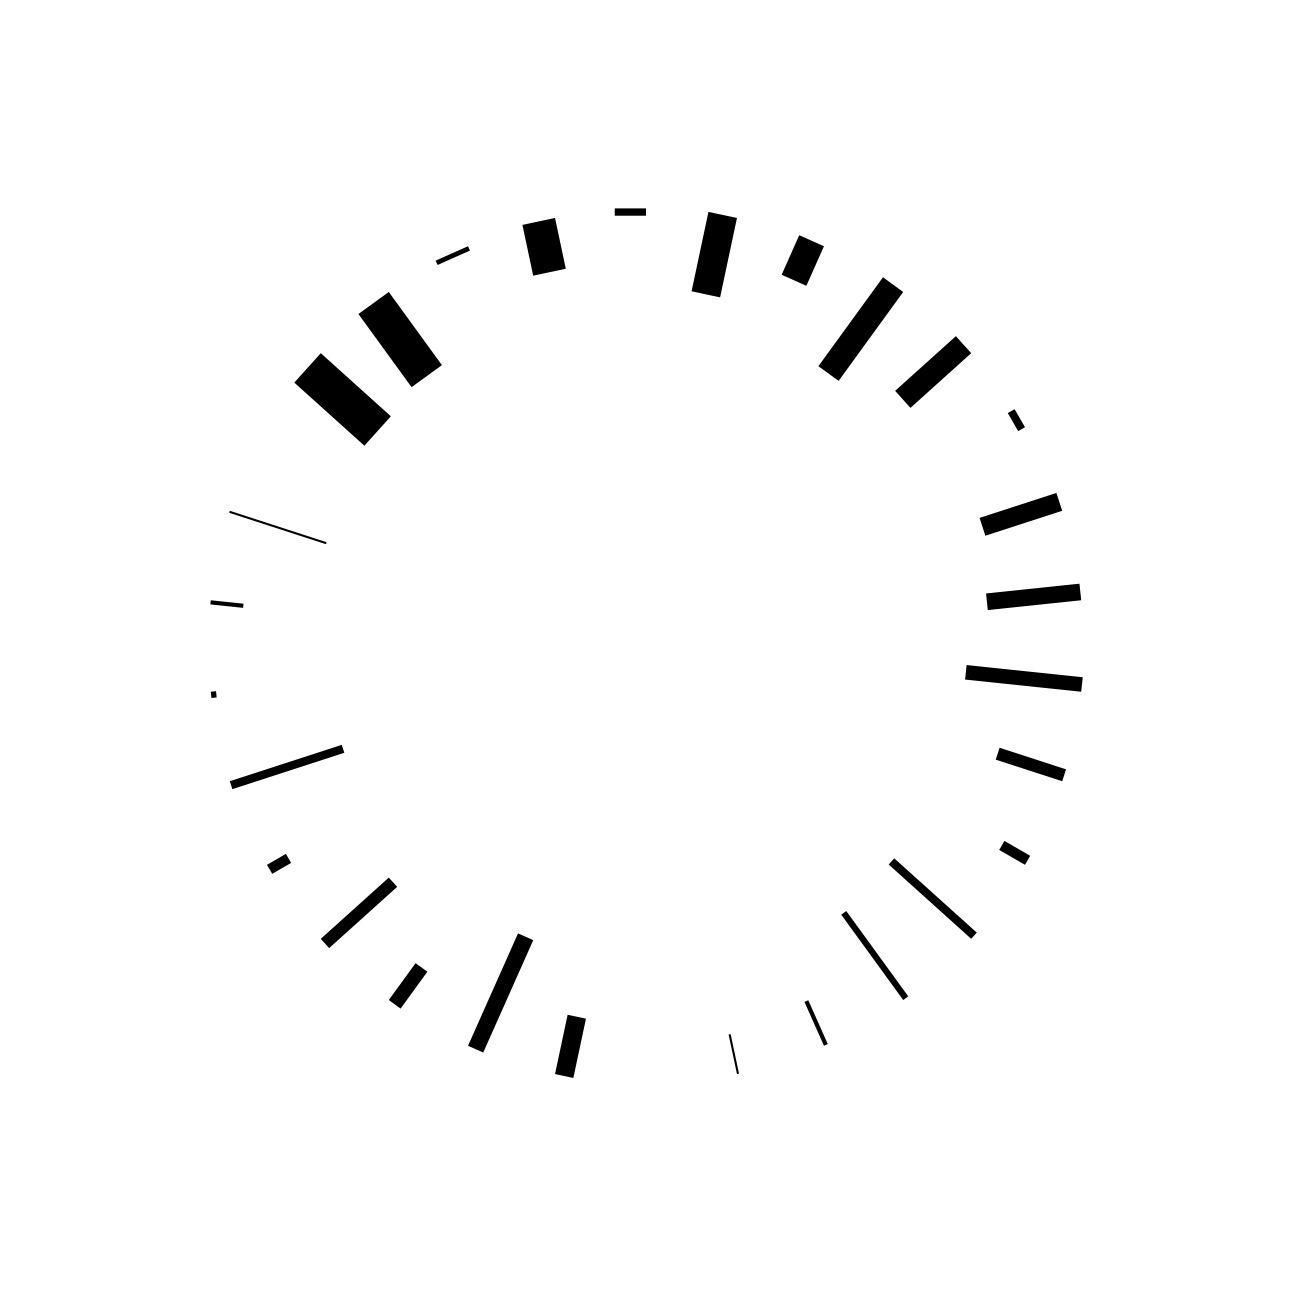 circle-00772-4143e6adda3b91632c207132e9aac68f